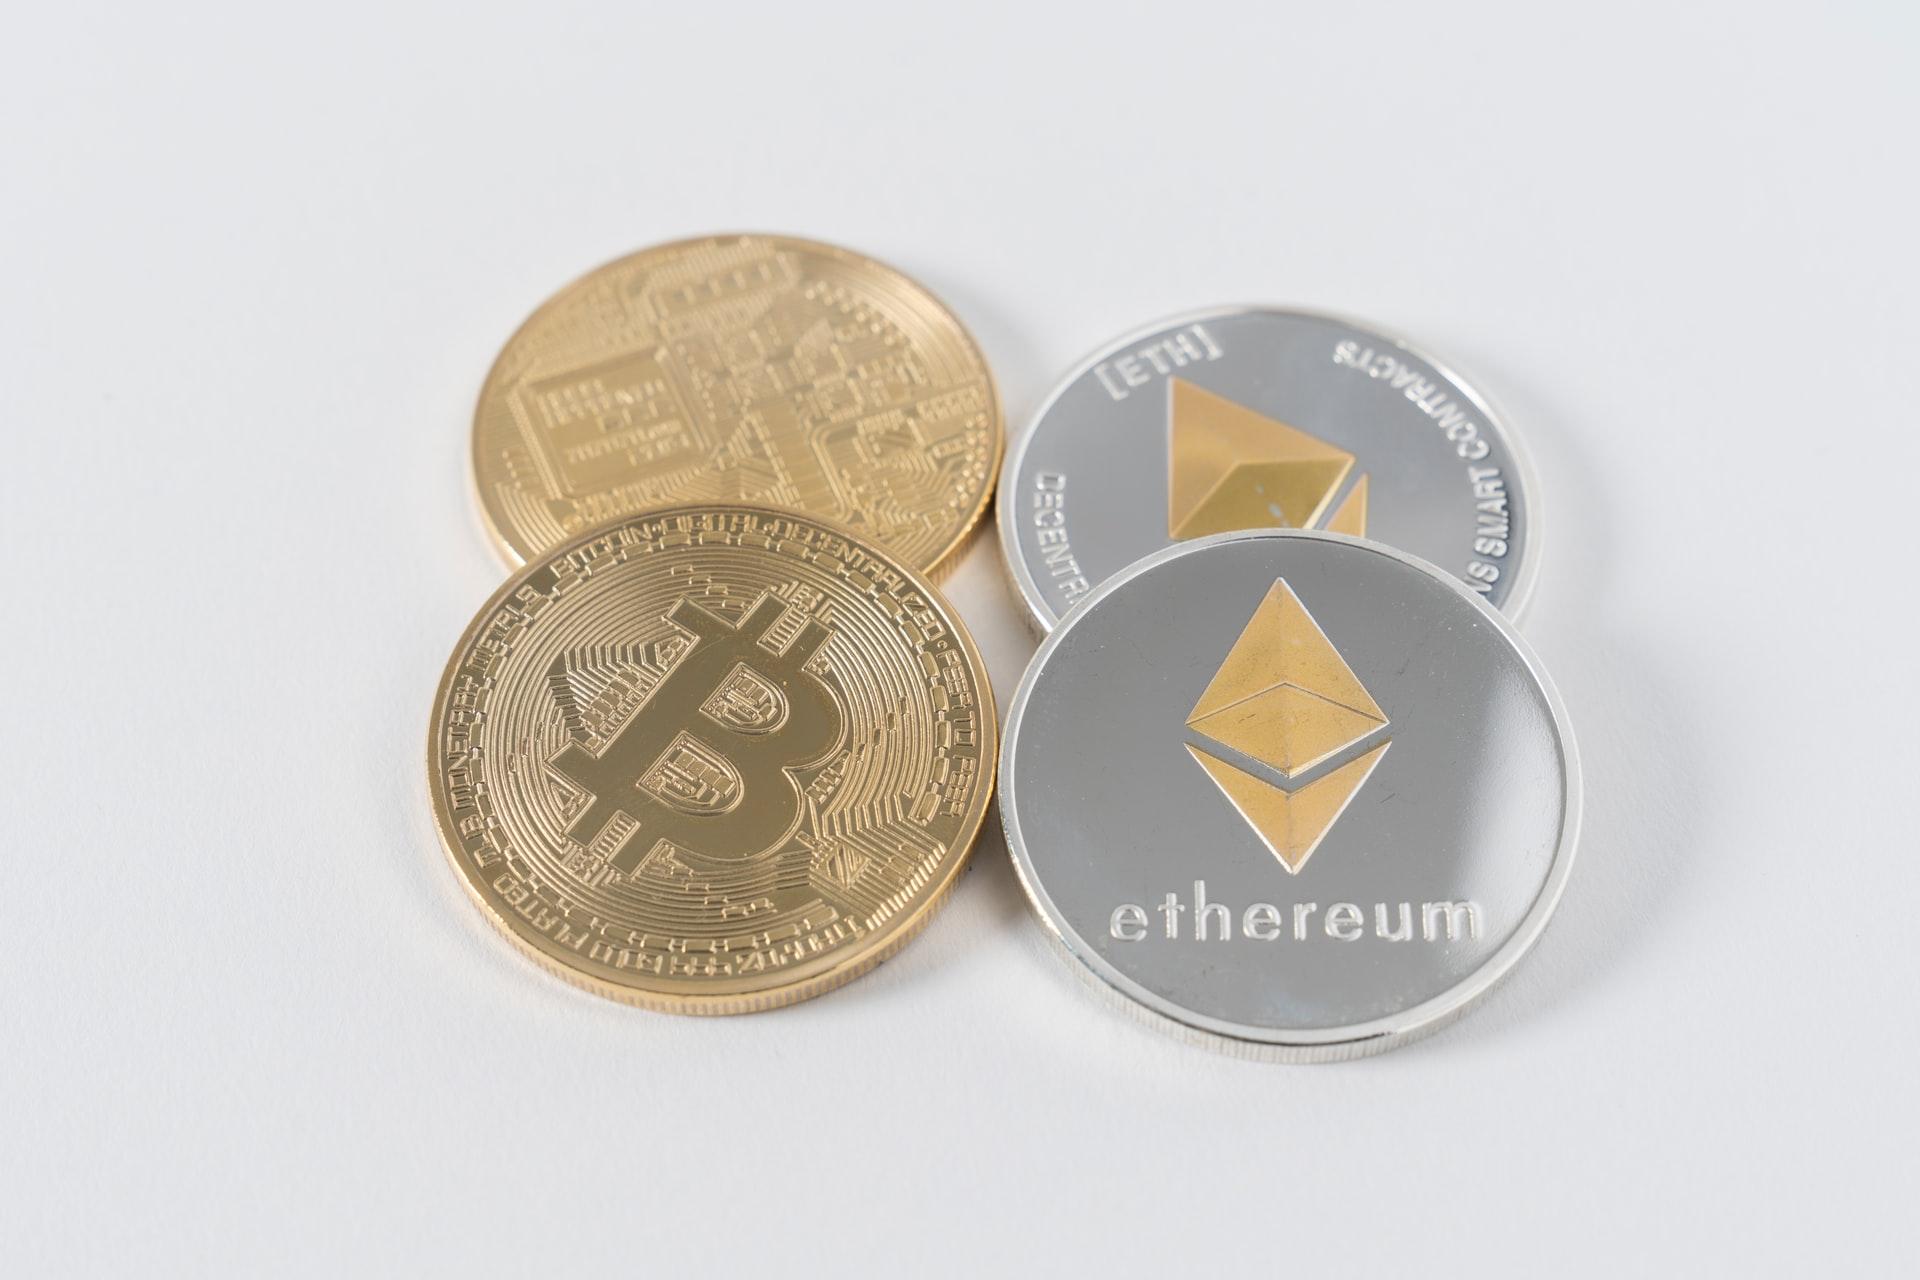 Το Ethereum Θα Μπορούσε να Ξεπεράσει το Bitcoin, Λέει ο Αναλυτής της Messari